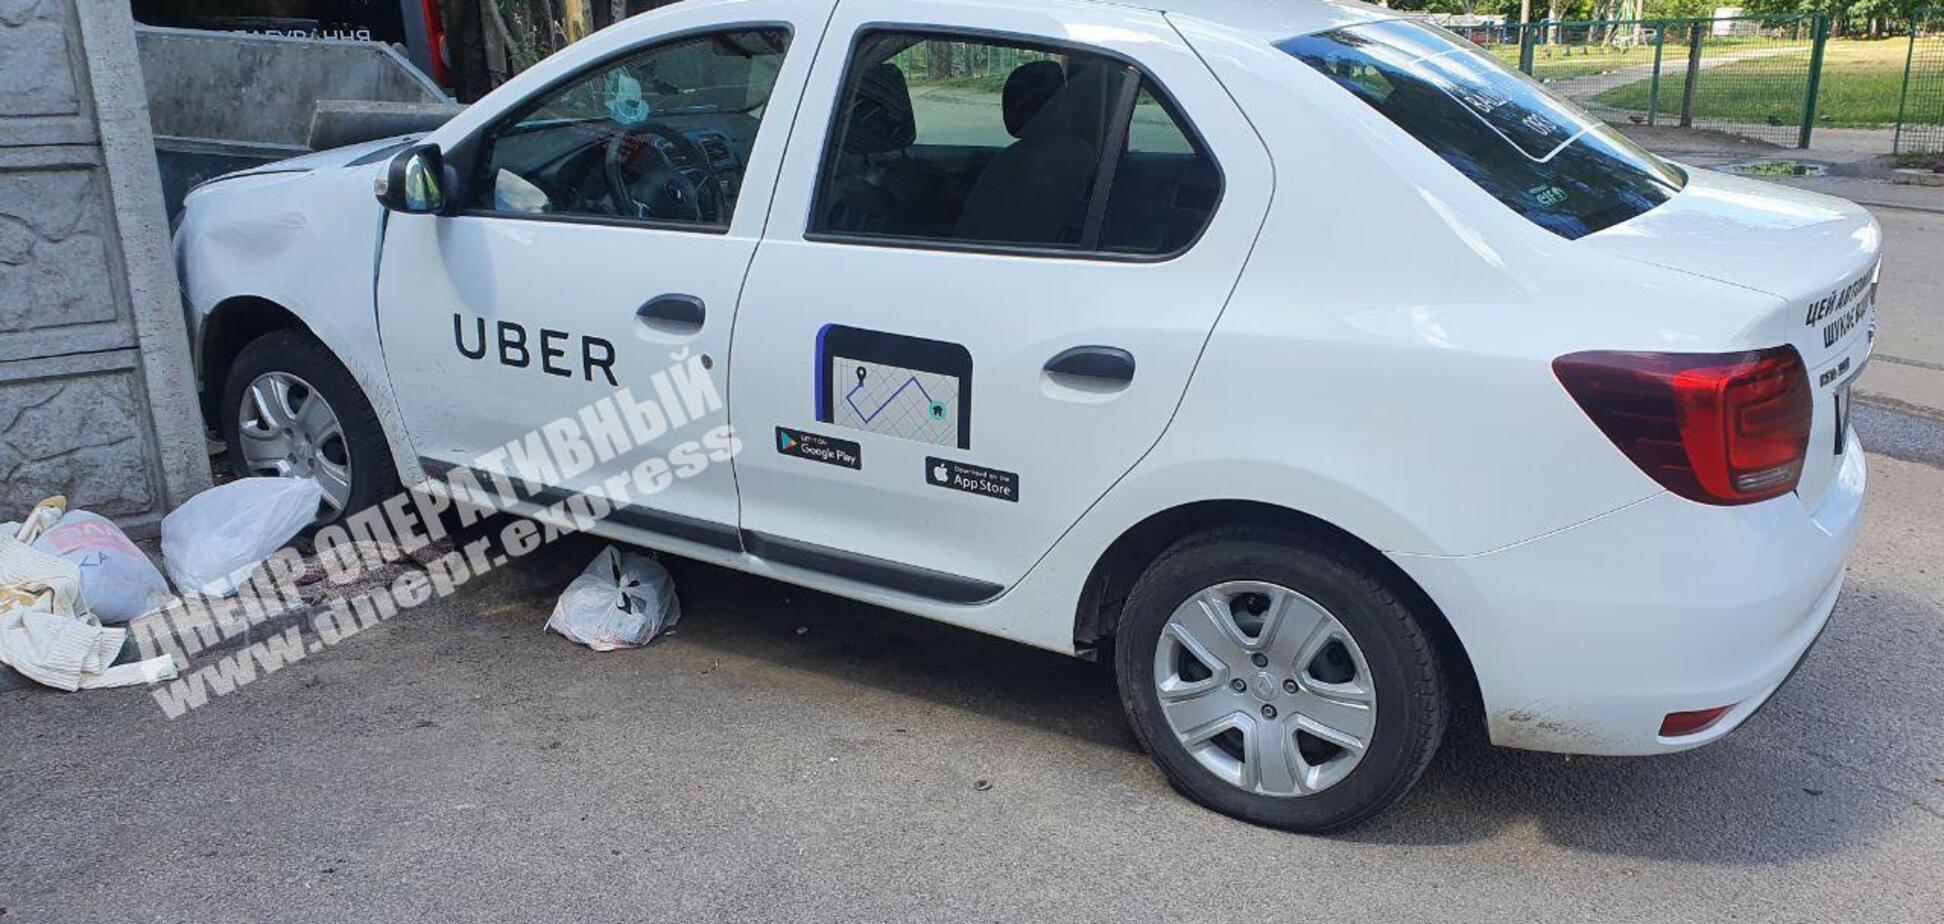 В Днепре таксист без сознания влетел в забор. Пострадала беременная женщина. Фото